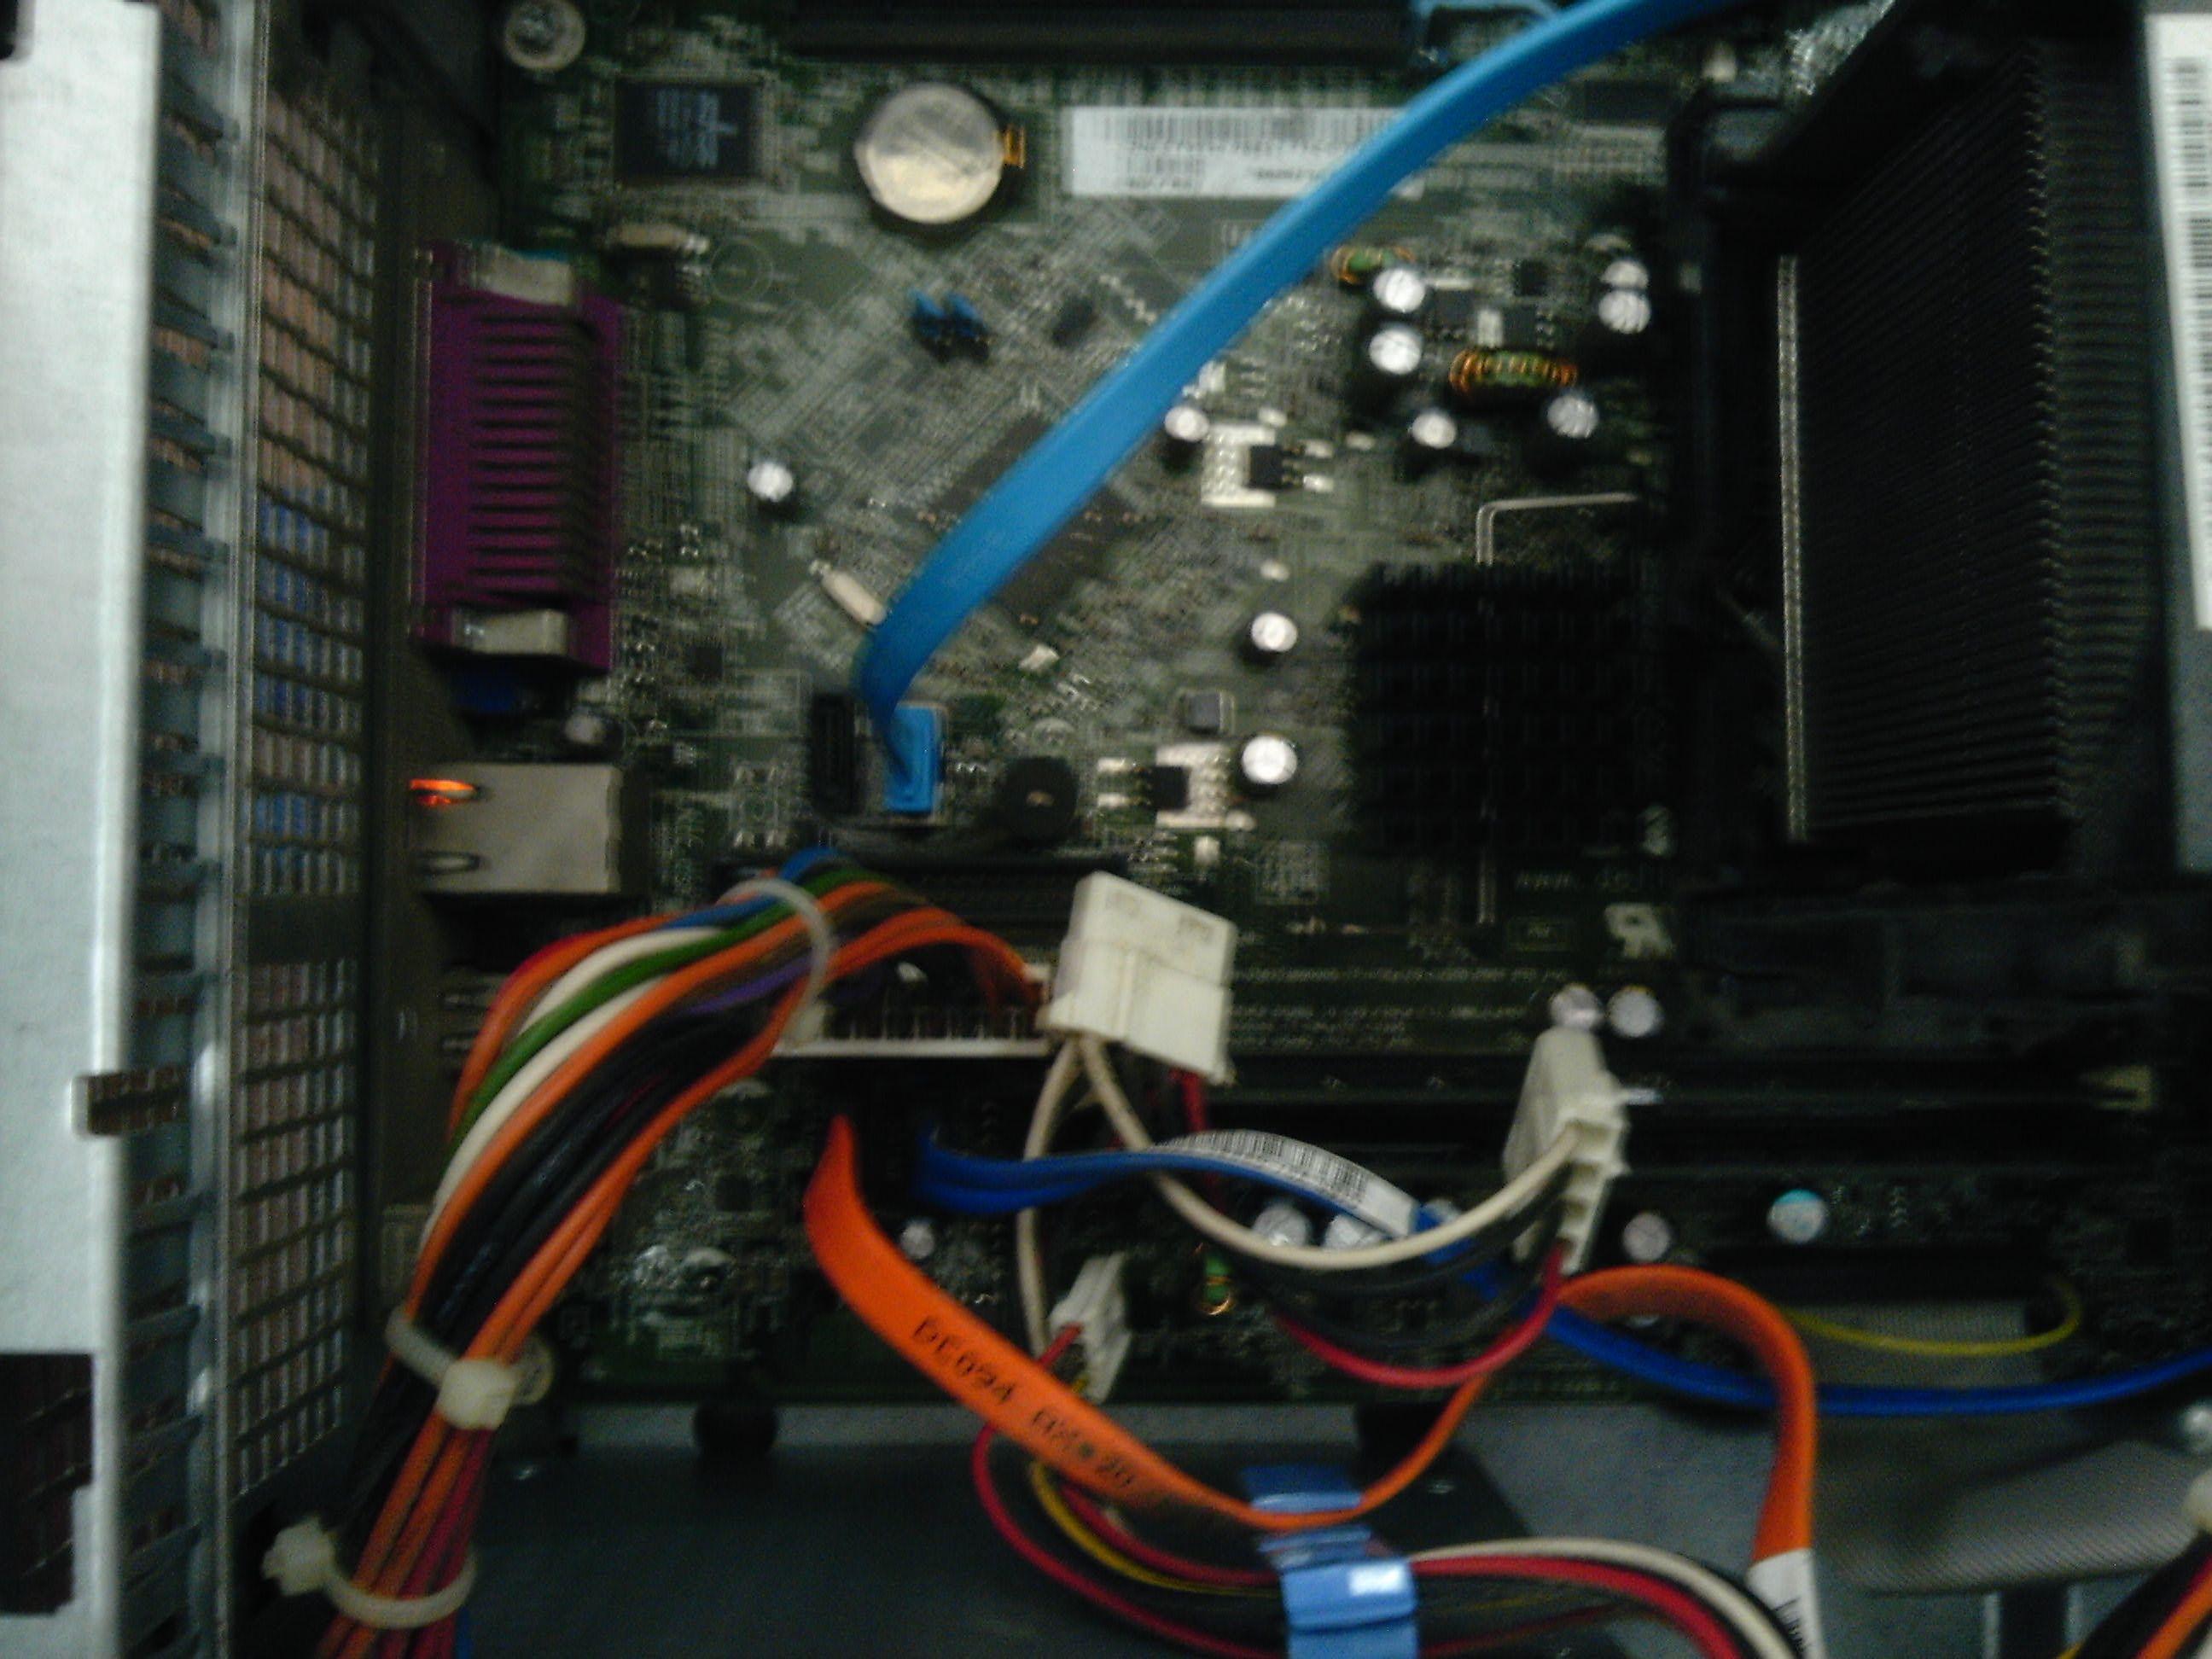 是老机型了4年多了 有4个连接口 1个是接dvd 1个是接原高清图片